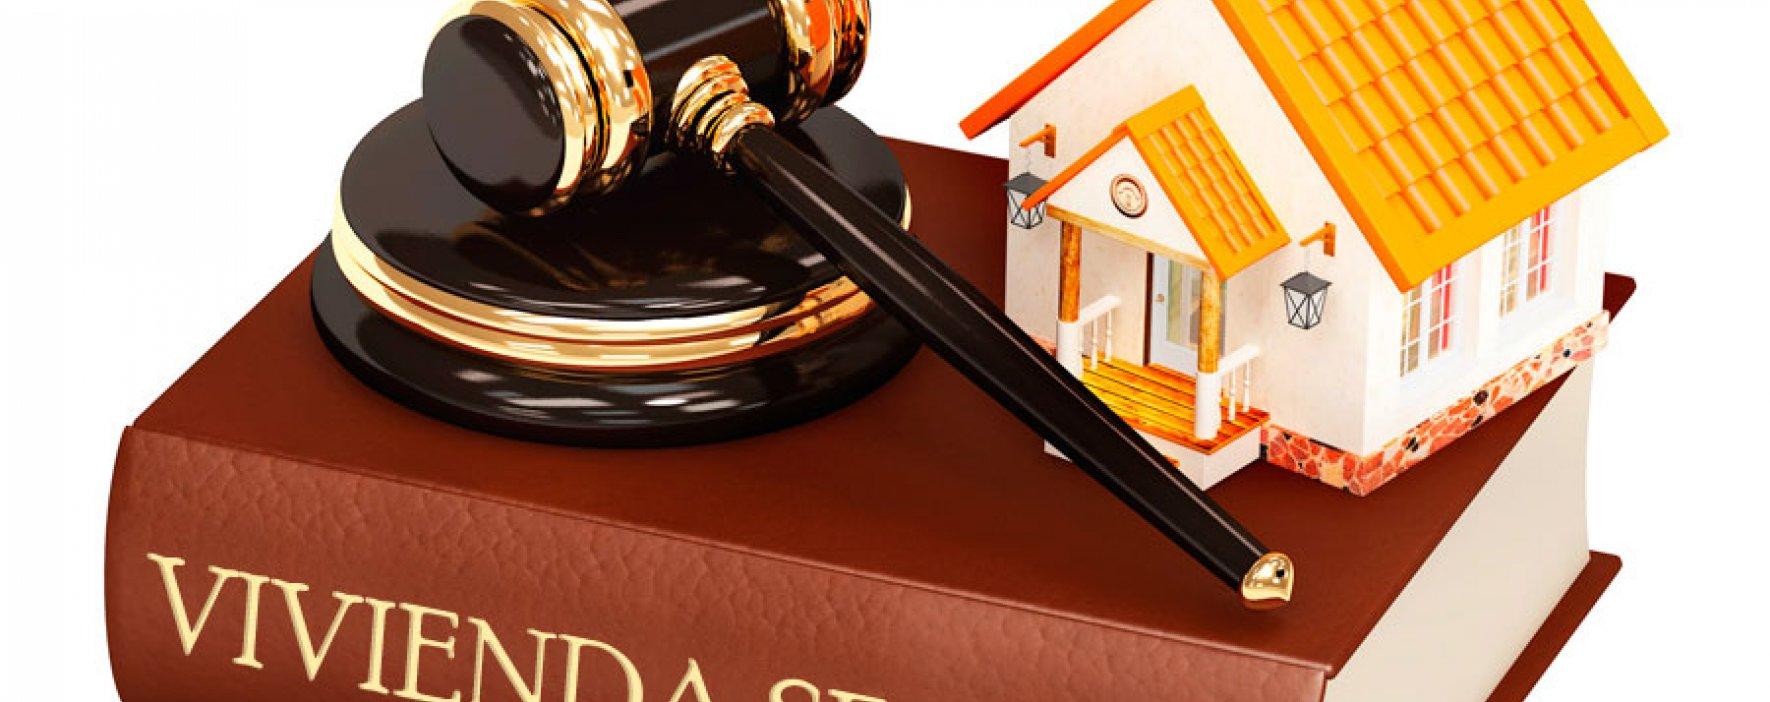 Nueva ley de vivienda segura en Colombia